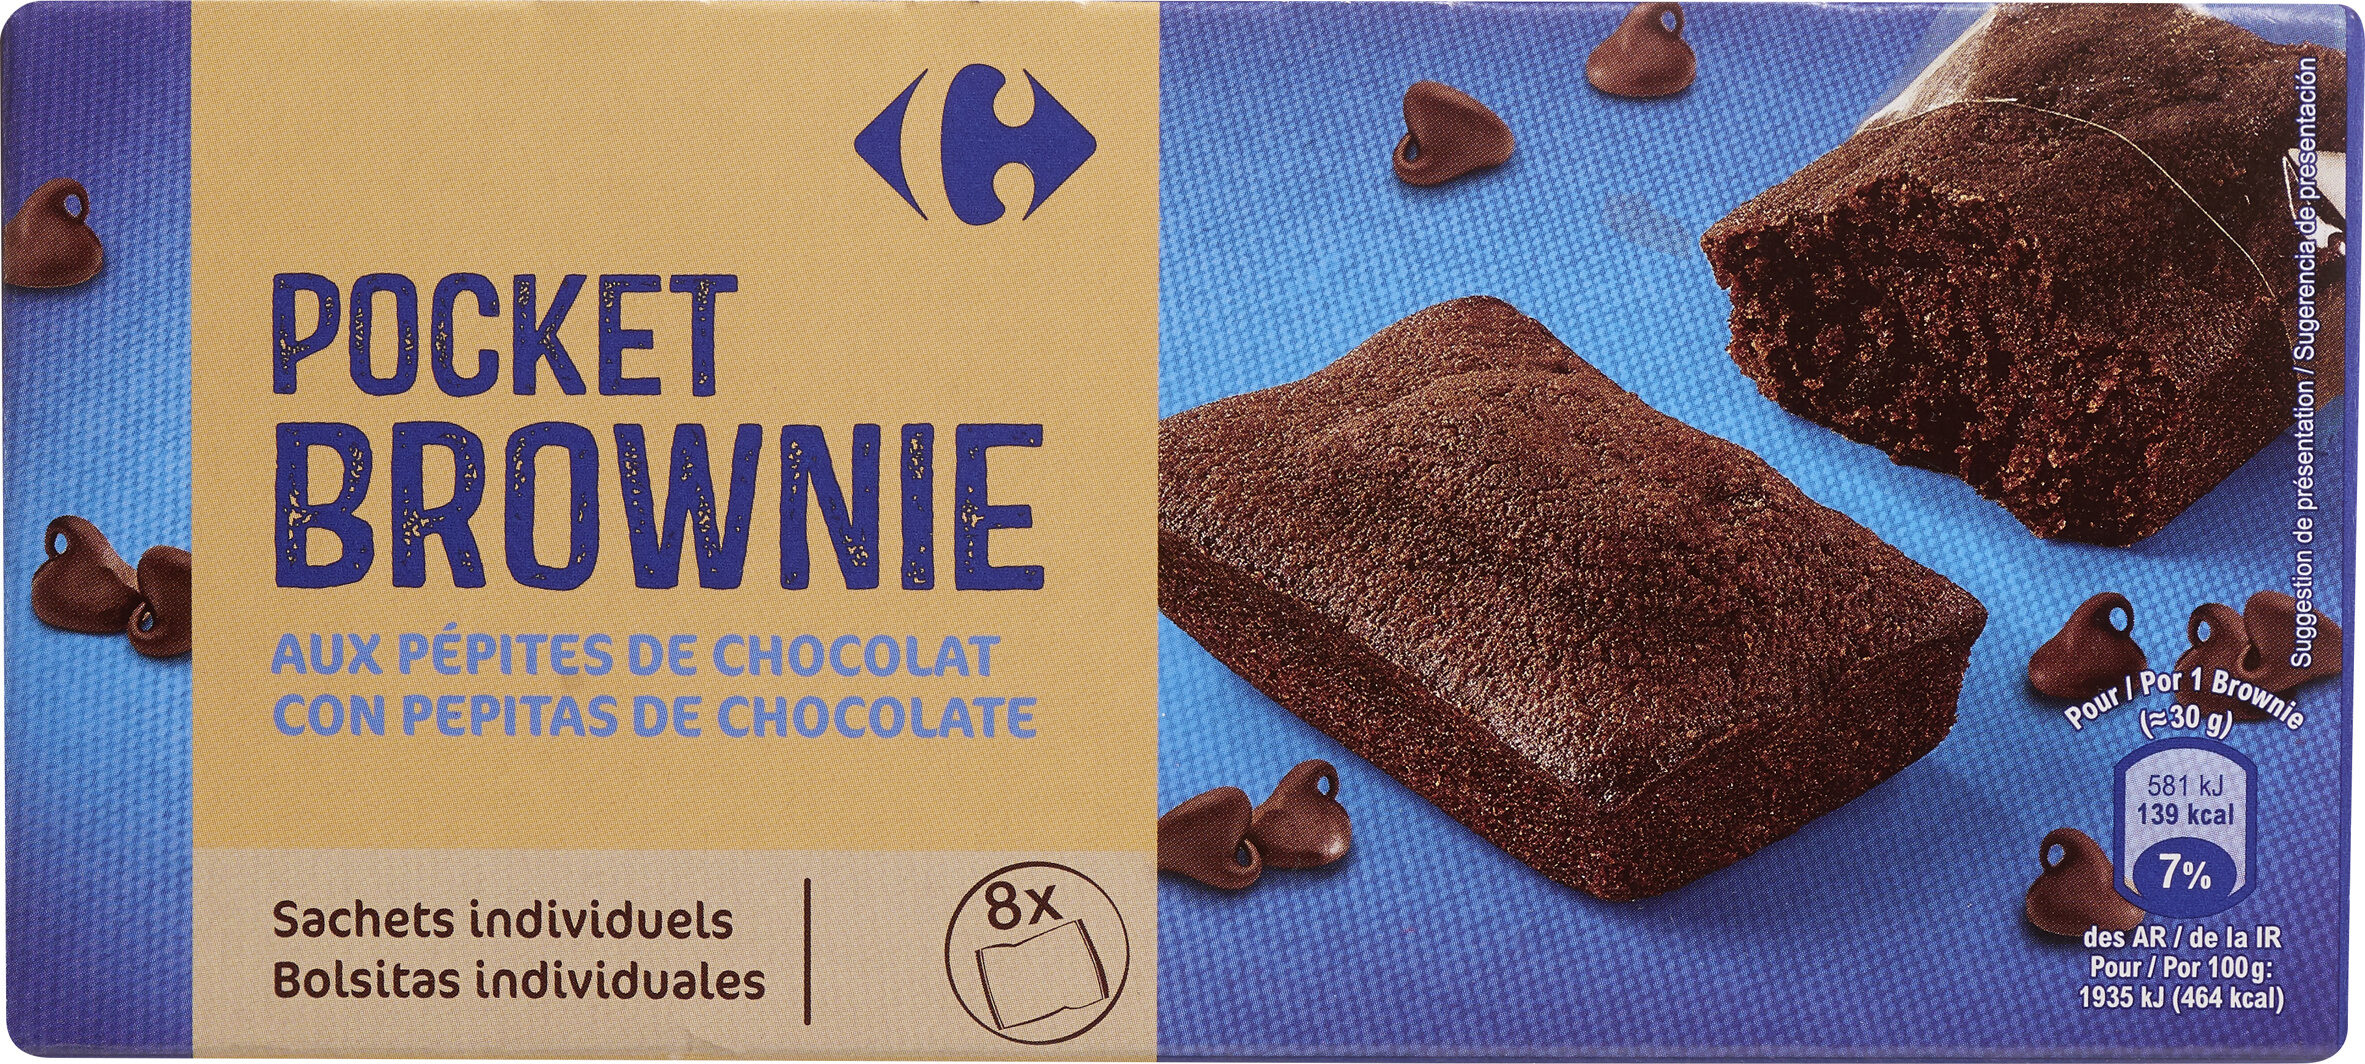 BROWNIE Aux Pépites de chocolat - Produit - fr